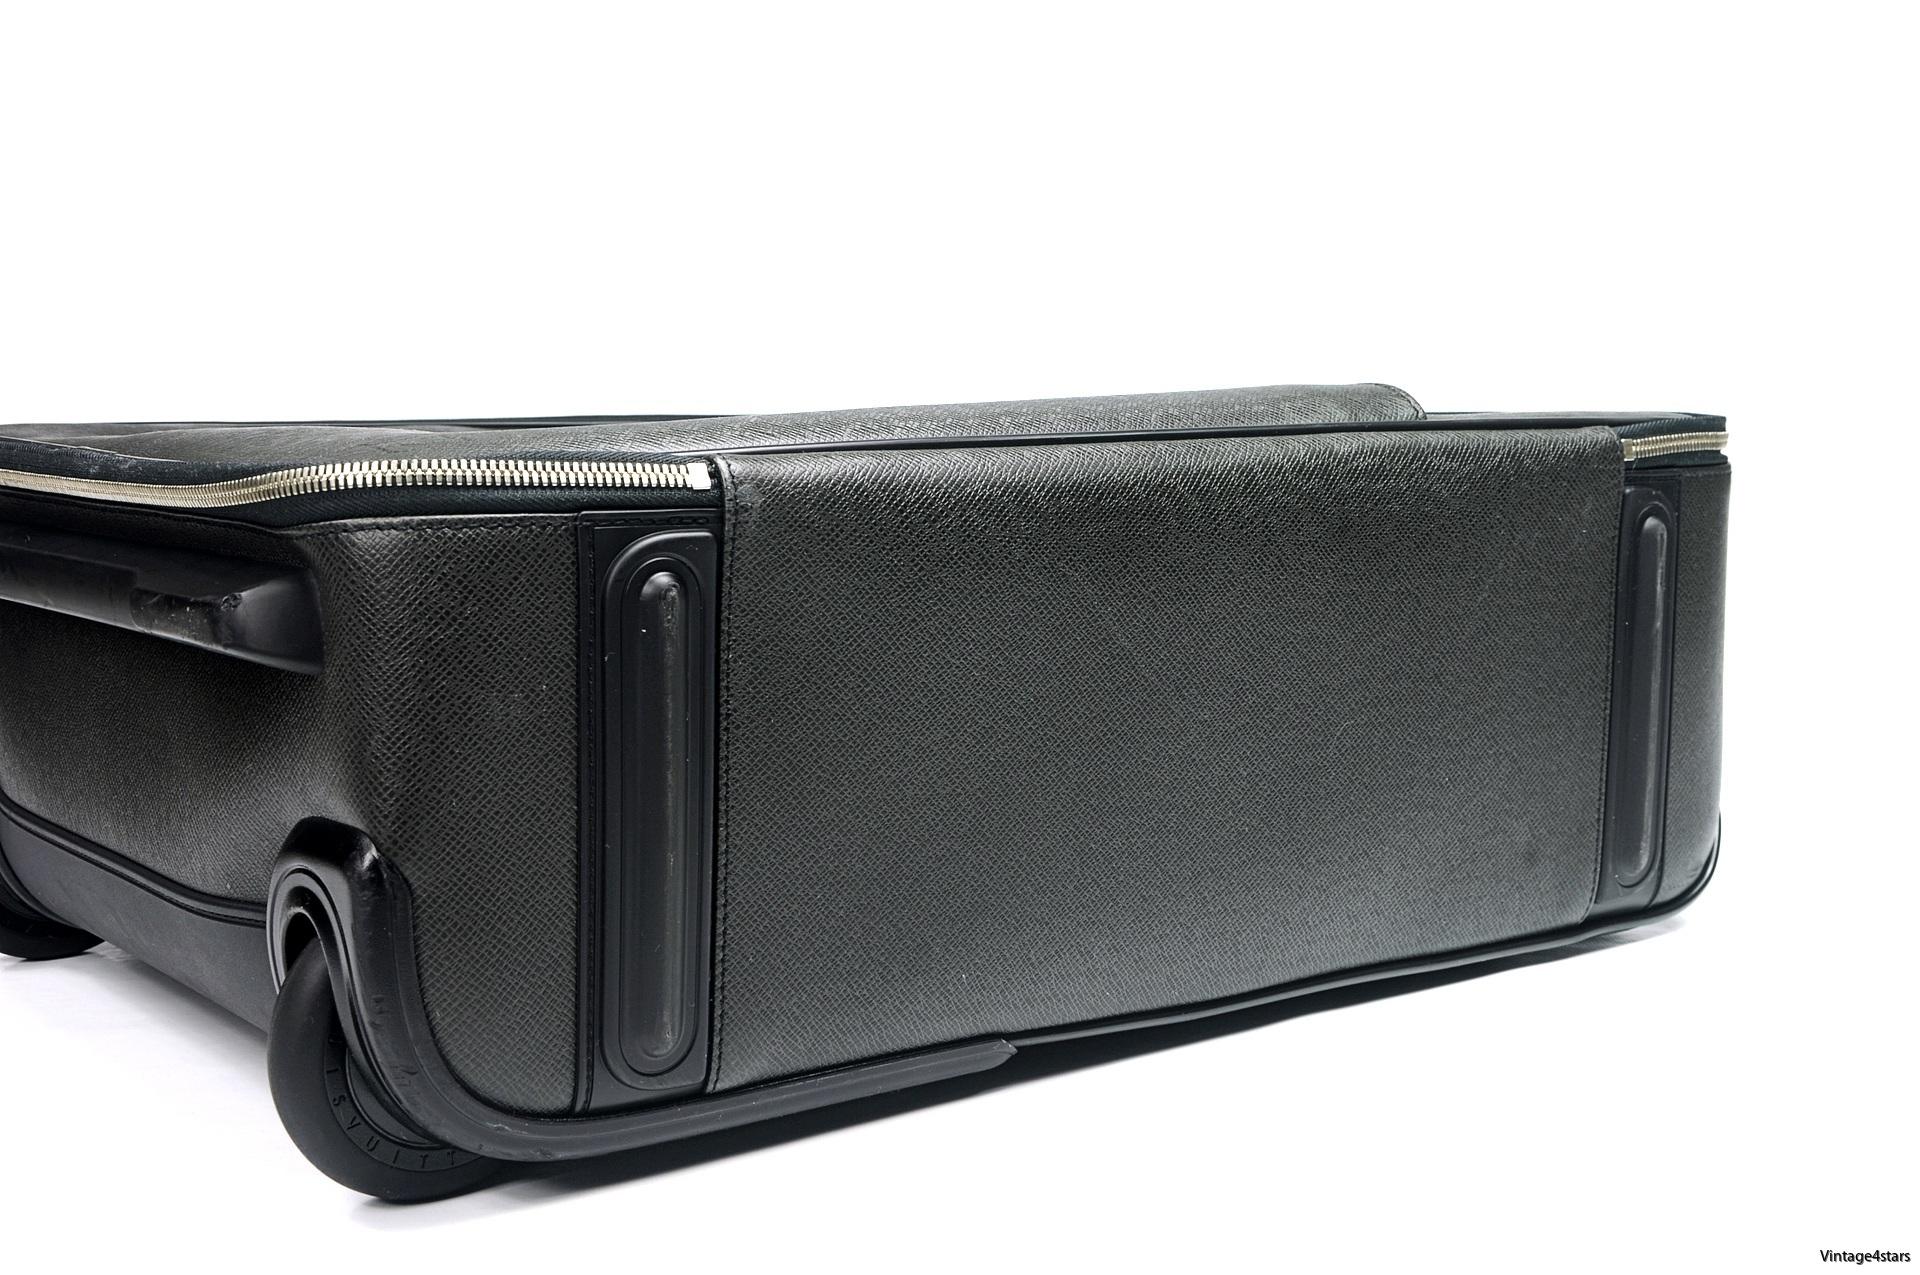 Louis Vuitton Pegase 55 Taiga Ardoise 14 1